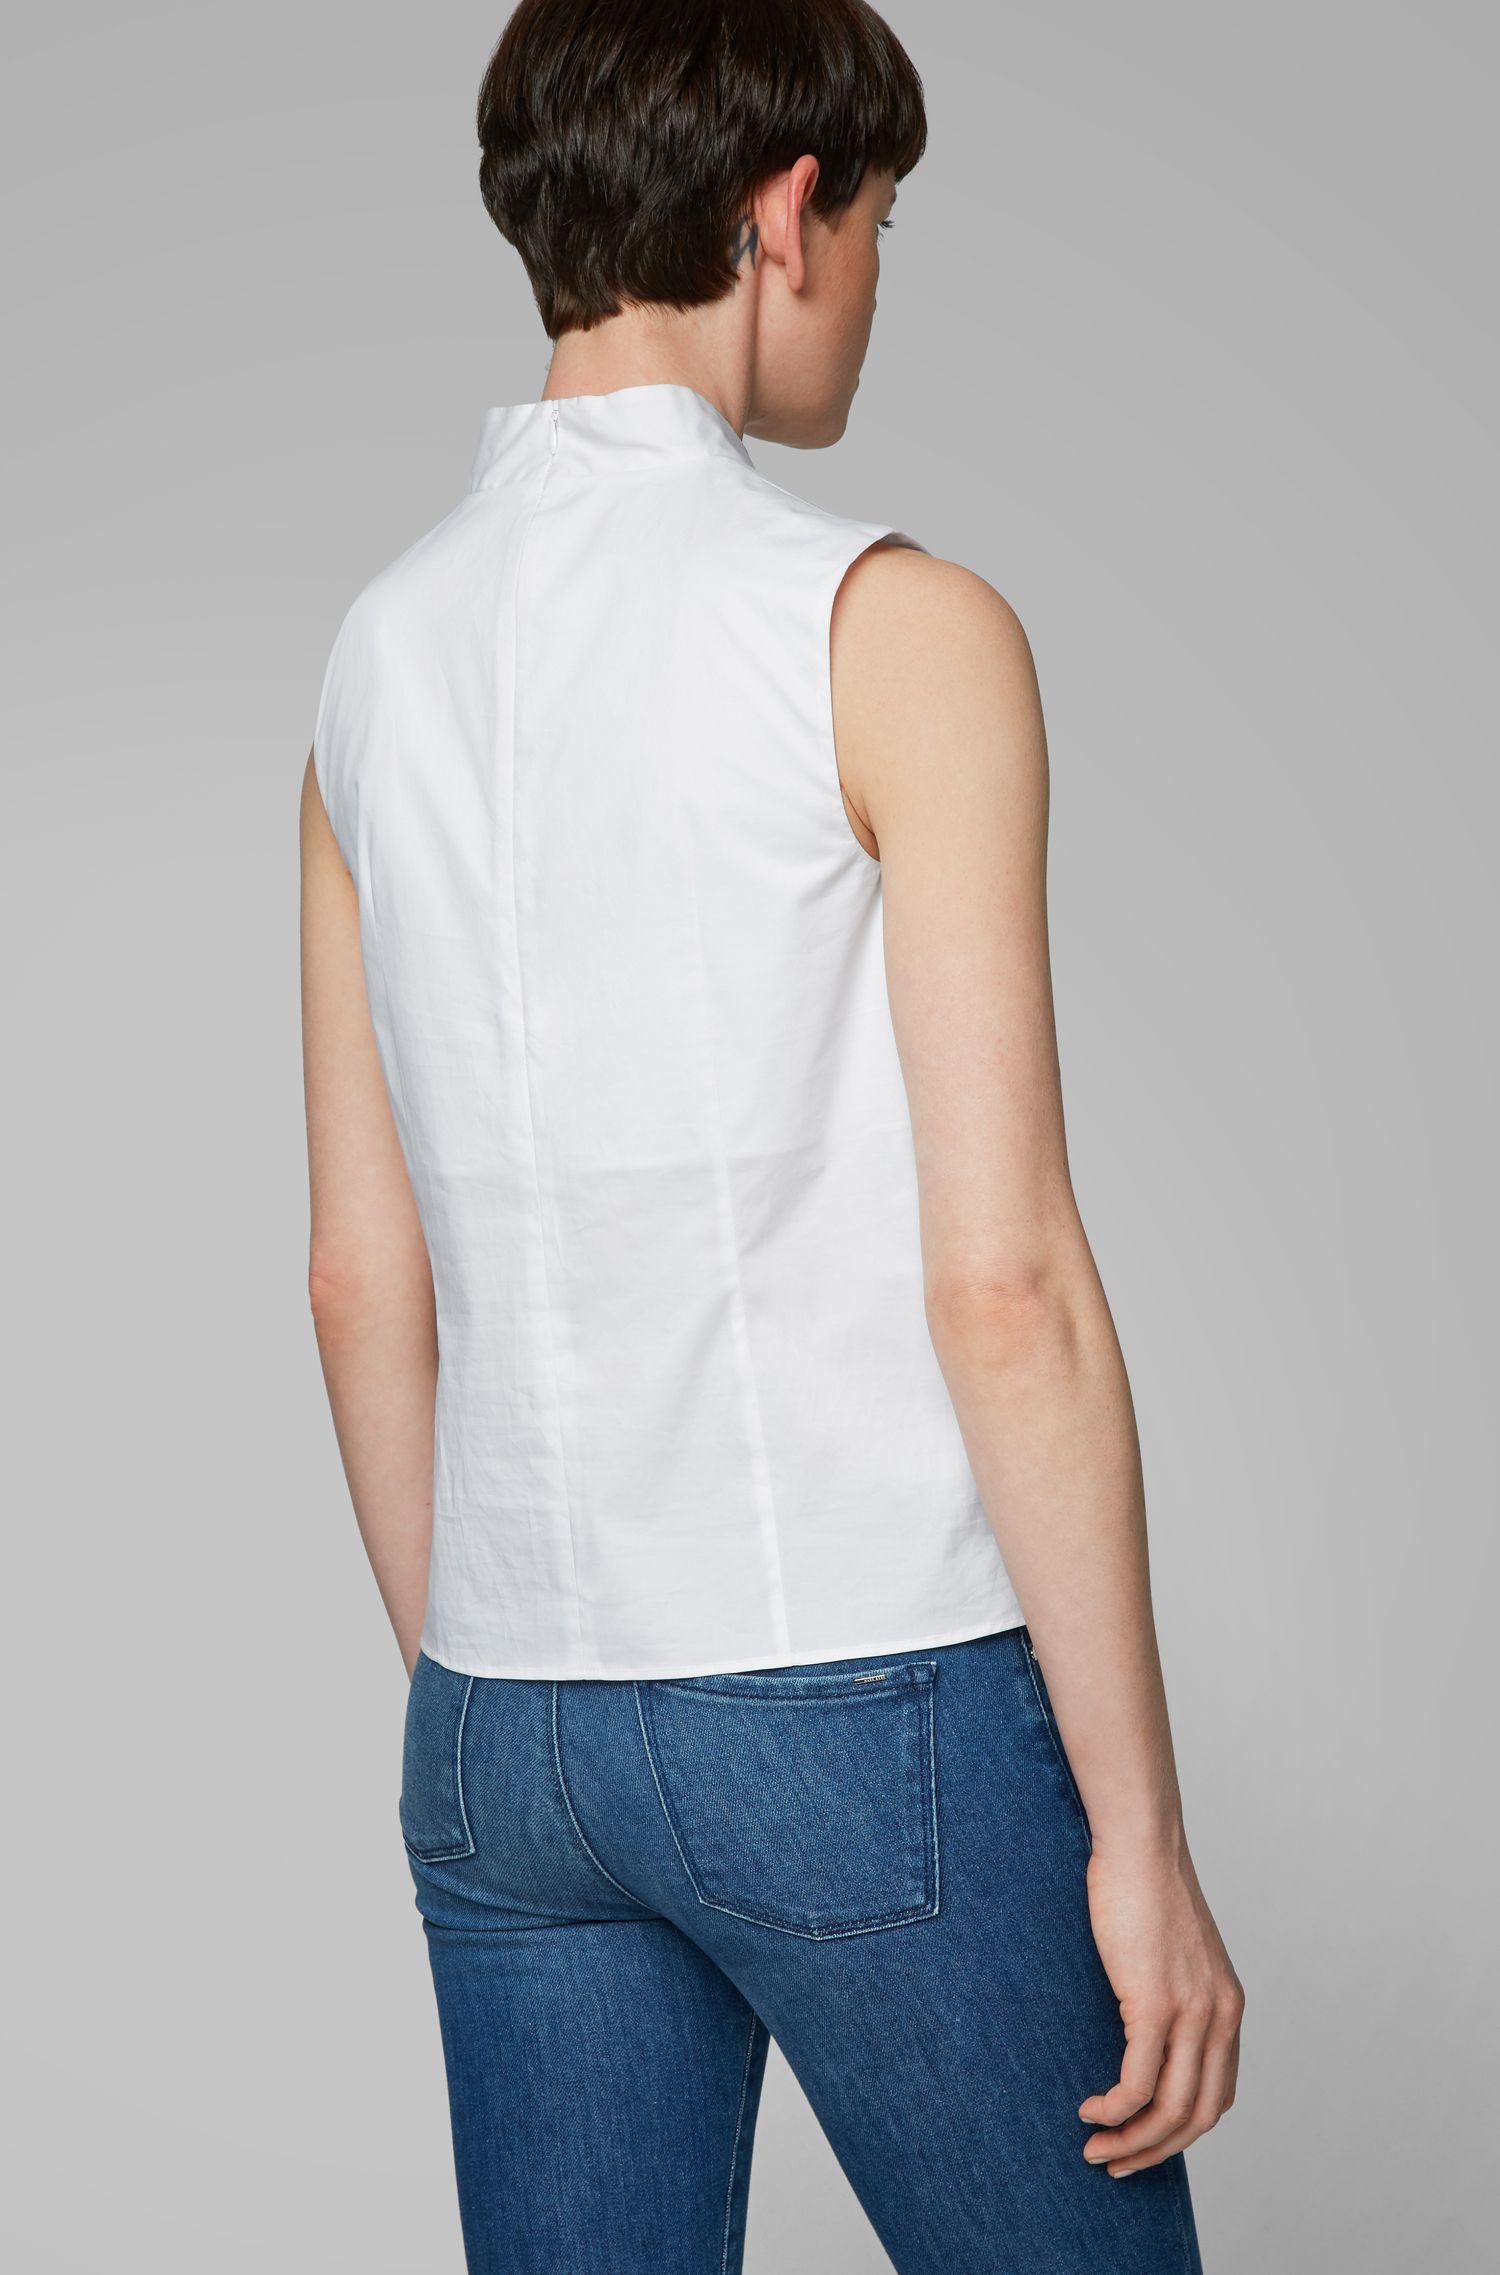 Mouwloze top van stretchkatoen met papierachtige touch, Wit